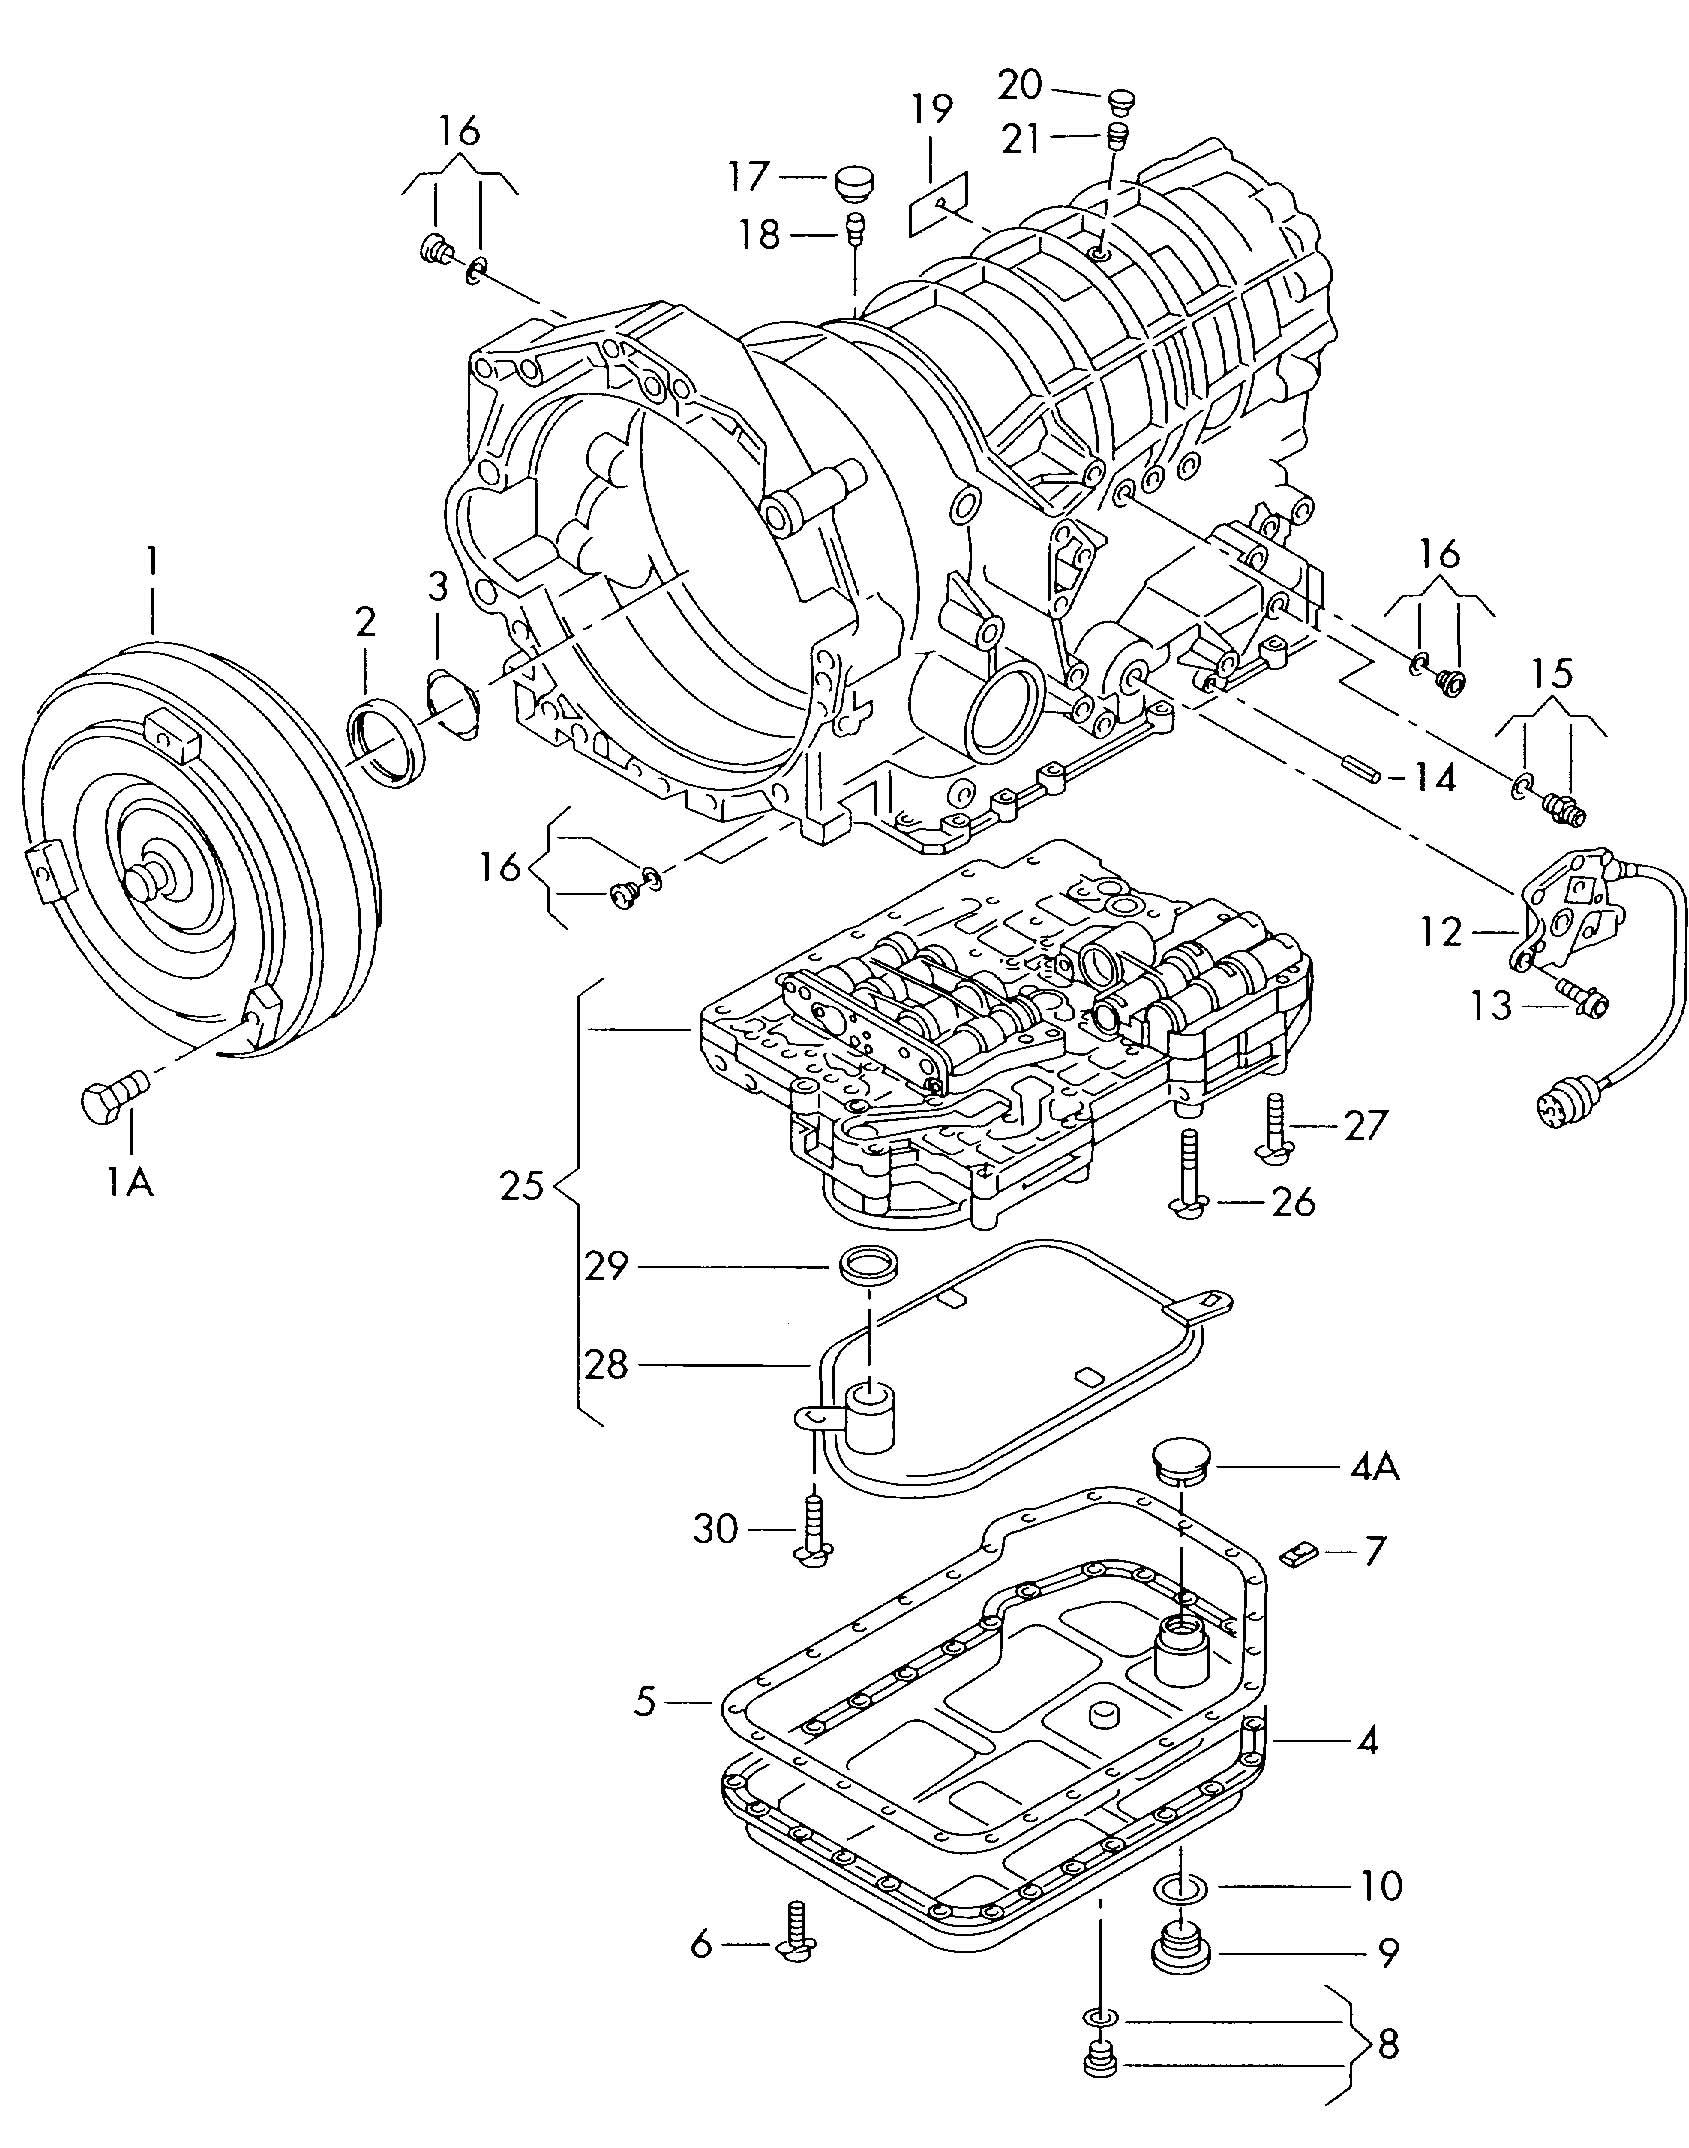 Volkswagen Phaeton Torque Converter Valve Body For 5 Speed